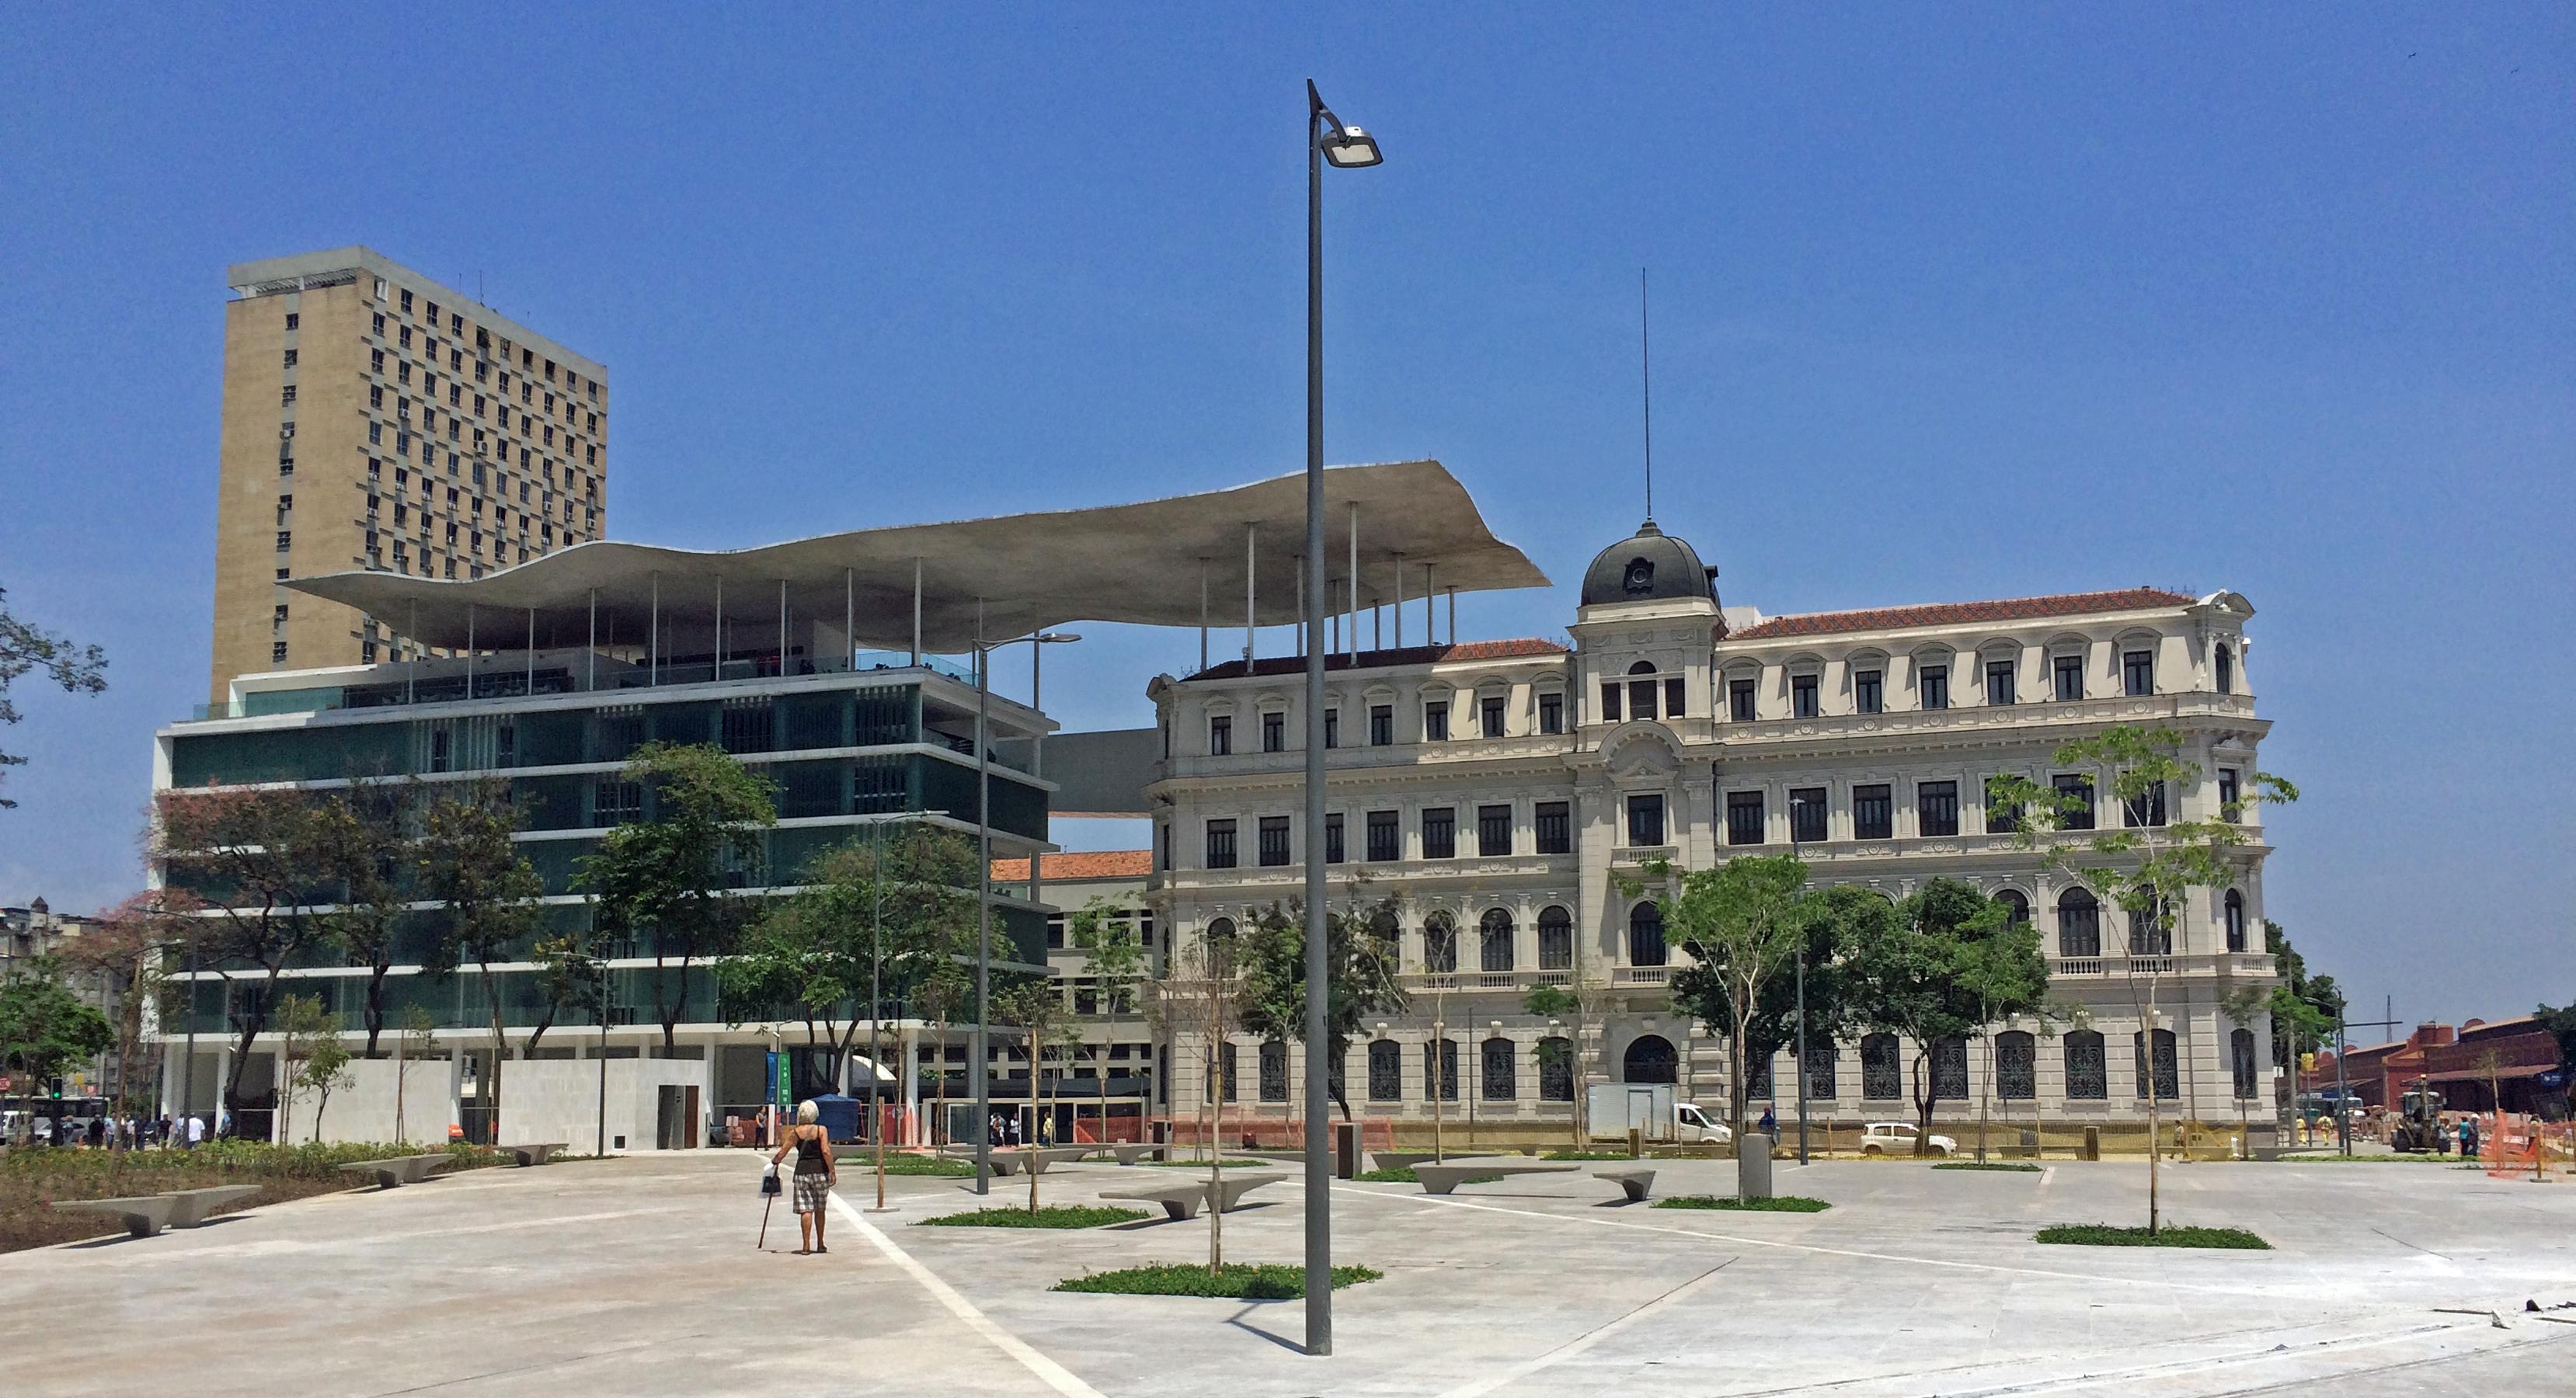 Museu de Arte do Rio – Wikipédia, a enciclopédia livre